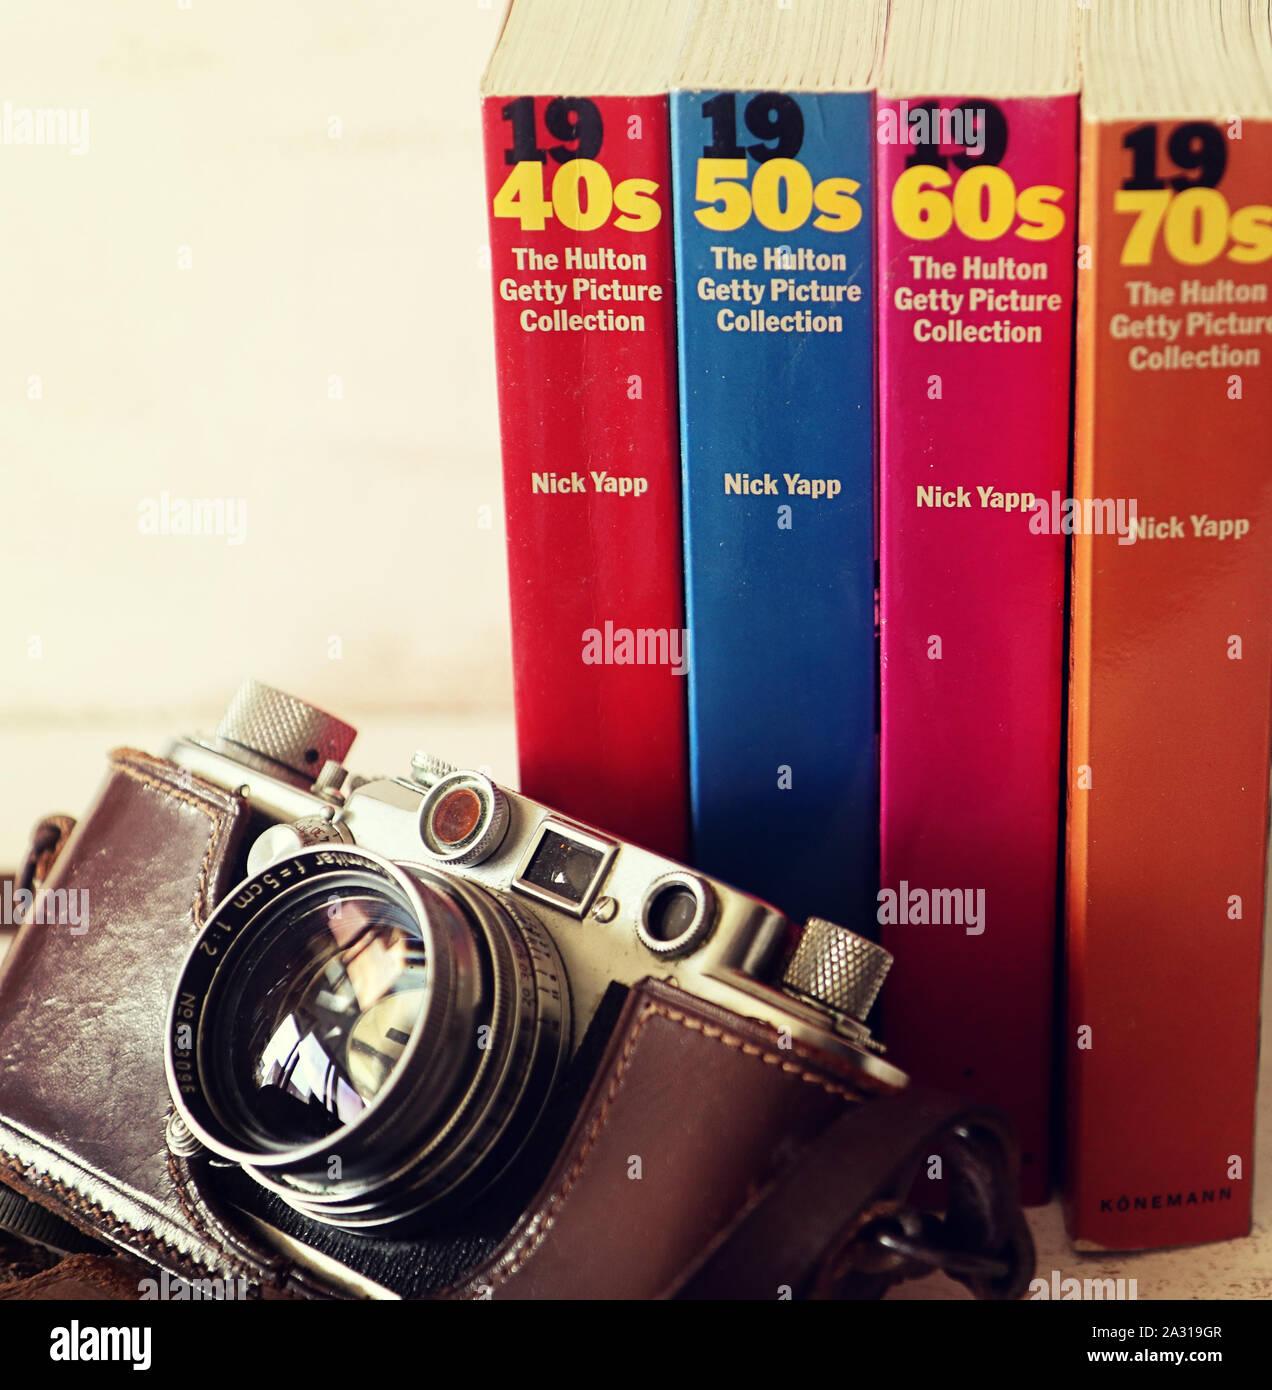 GARCHING, ALLEMAGNE - Vintage Leica Camera et livres avec la Hulton Getty Picture collection d'images analogiques de la période significative Banque D'Images